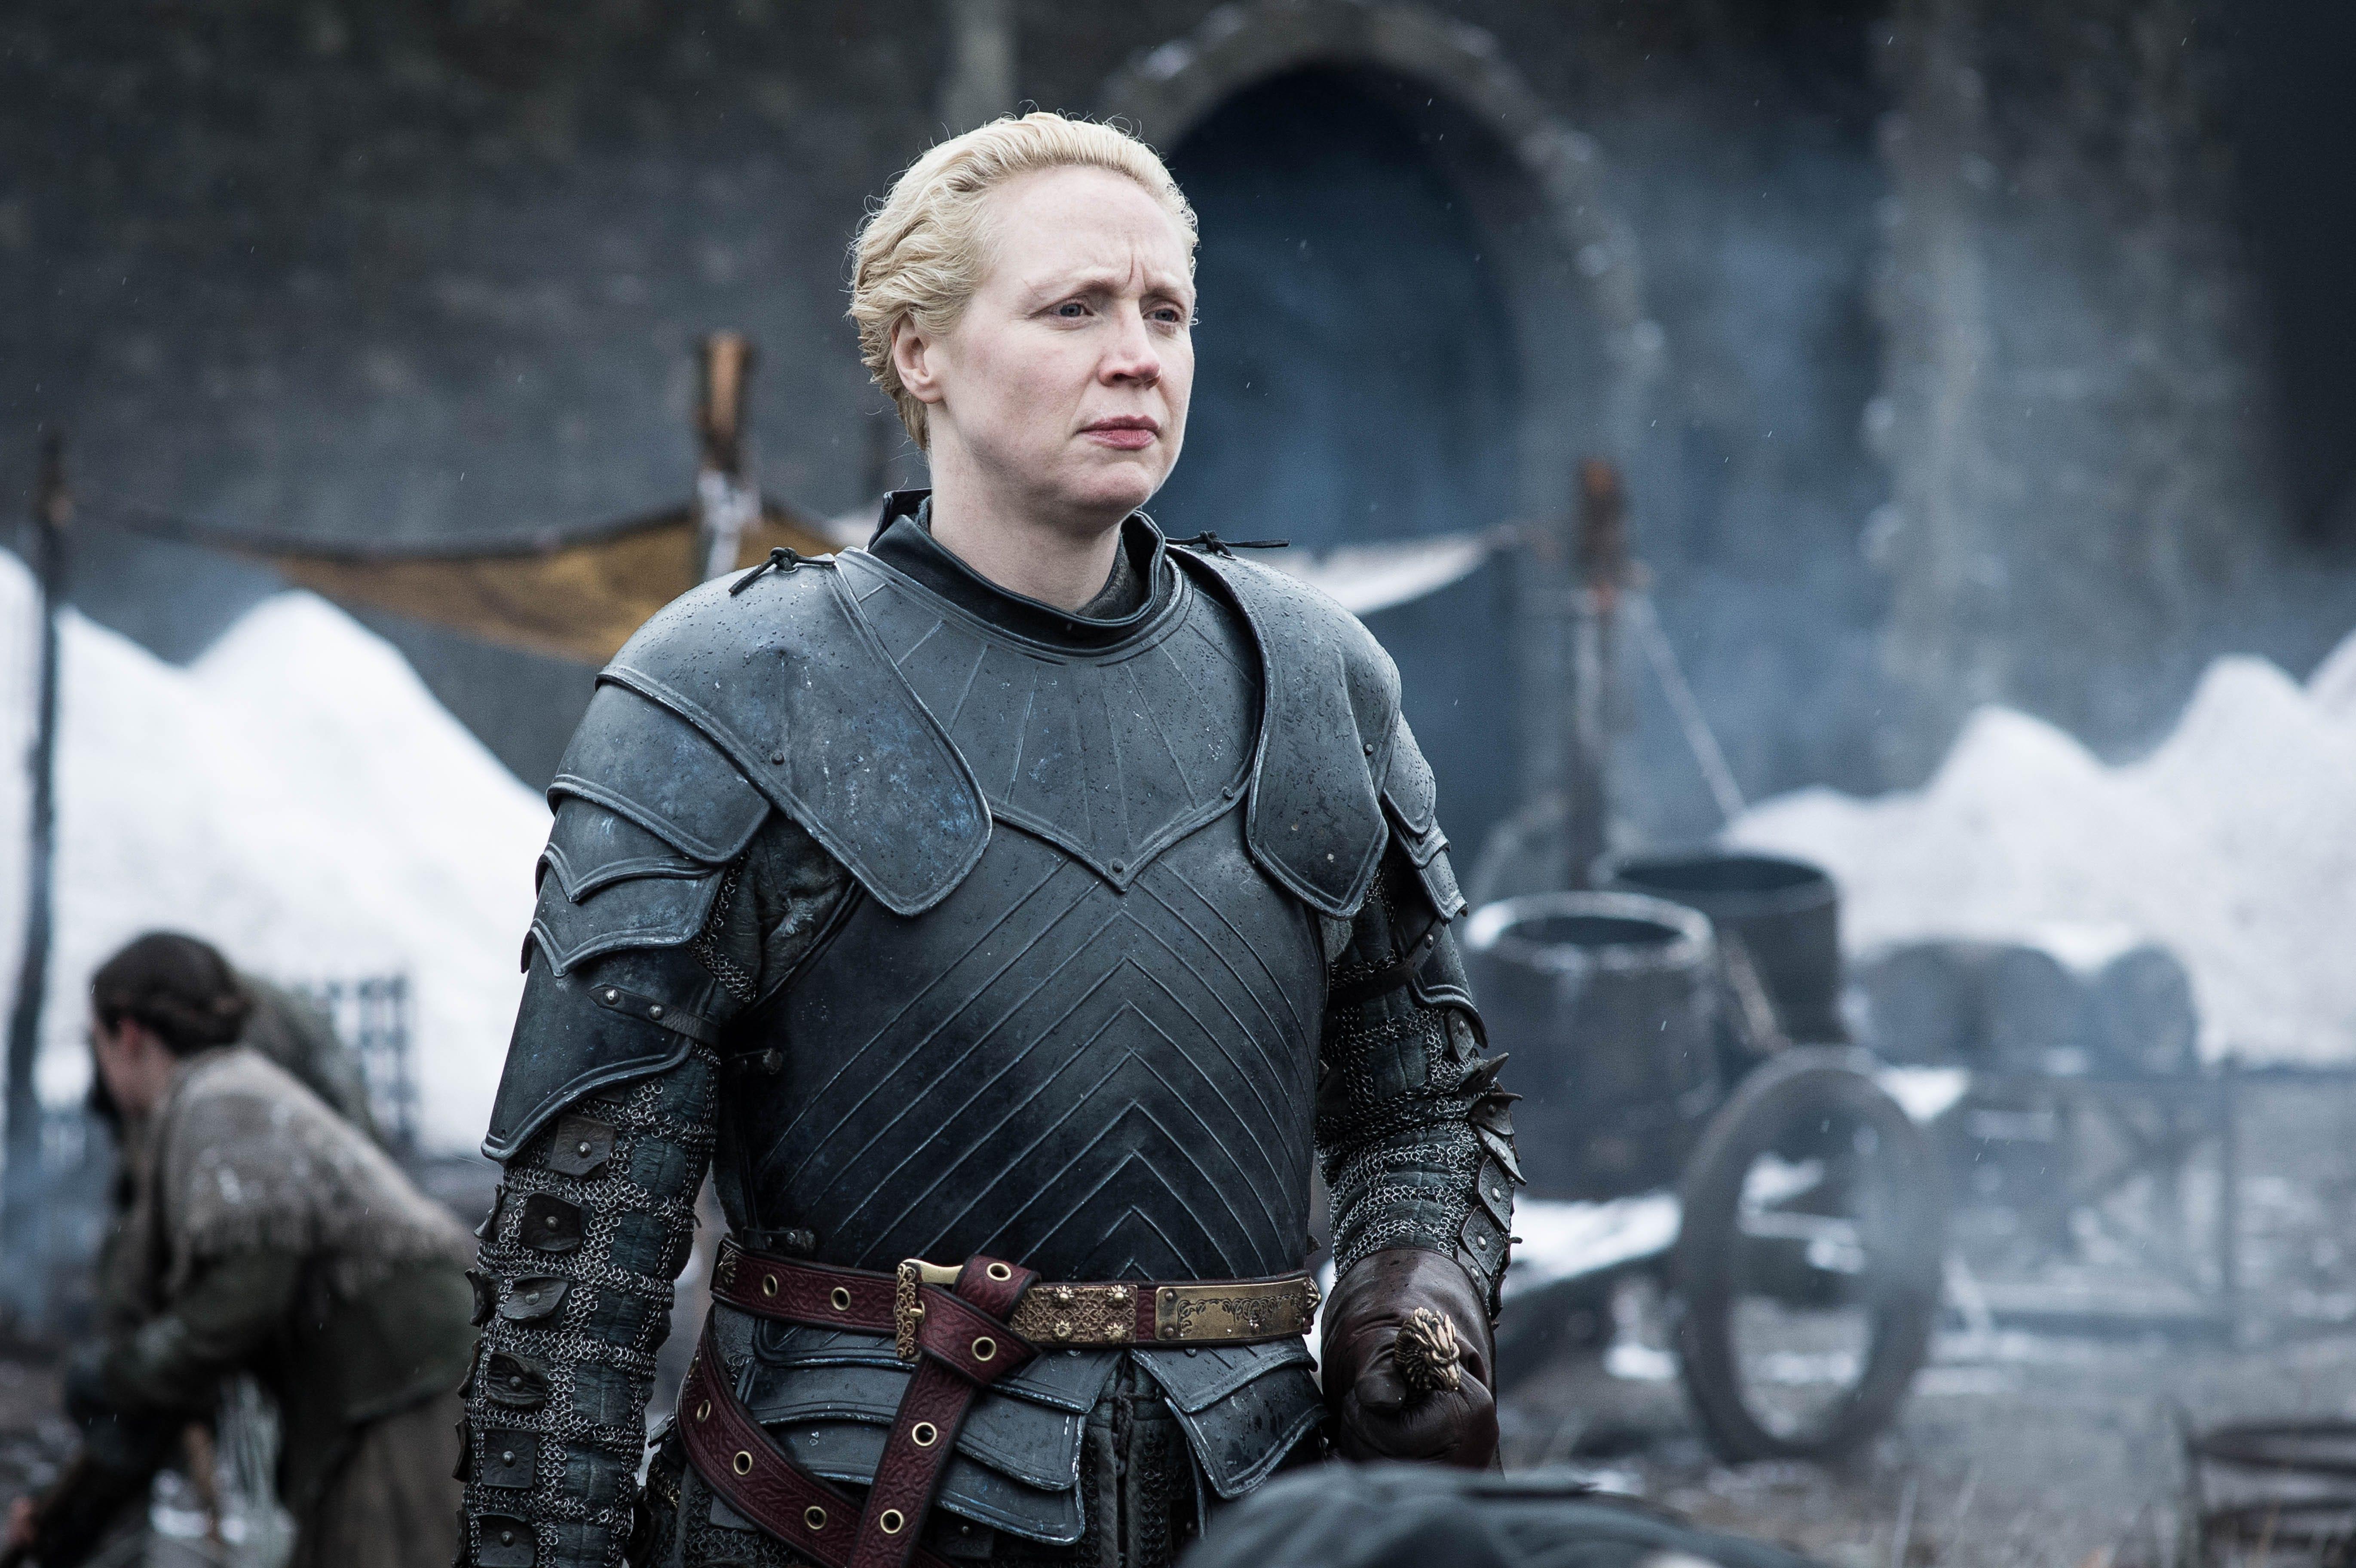 The Best Game Of Thrones Season 8 Theories On Reddit